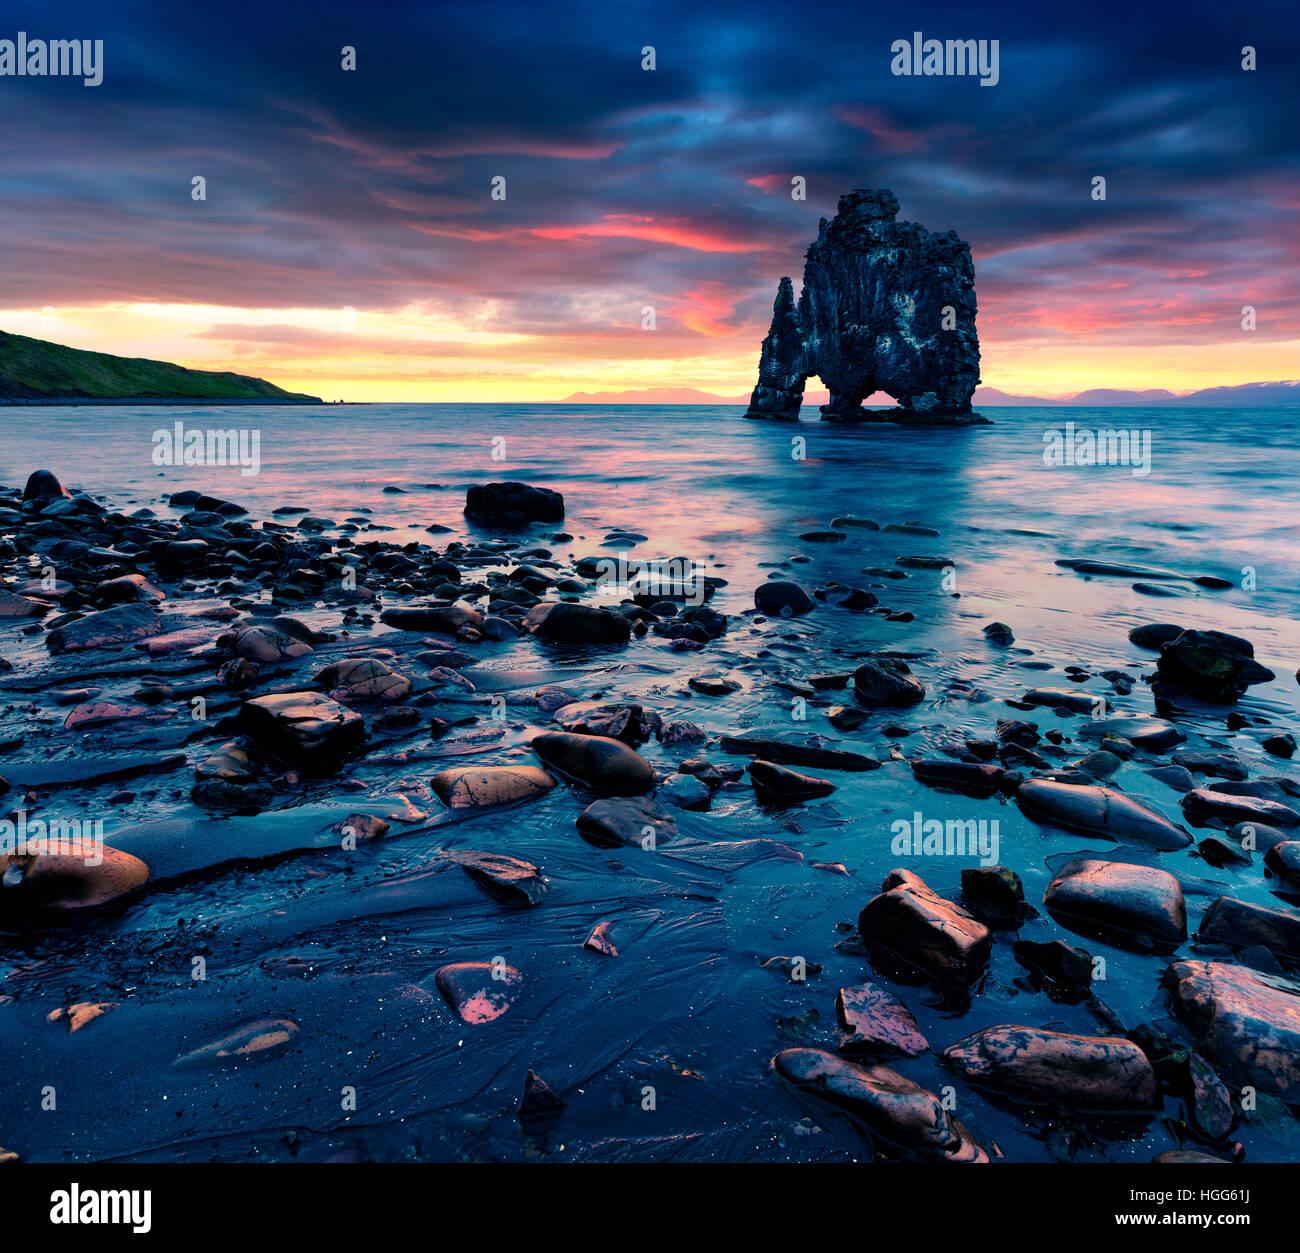 Enorme pila de basalto Hvitserkur, sobre la costa oriental de la península Vatnsnes. Colorido amanecer de verano en el noroeste de Islandia Foto de stock